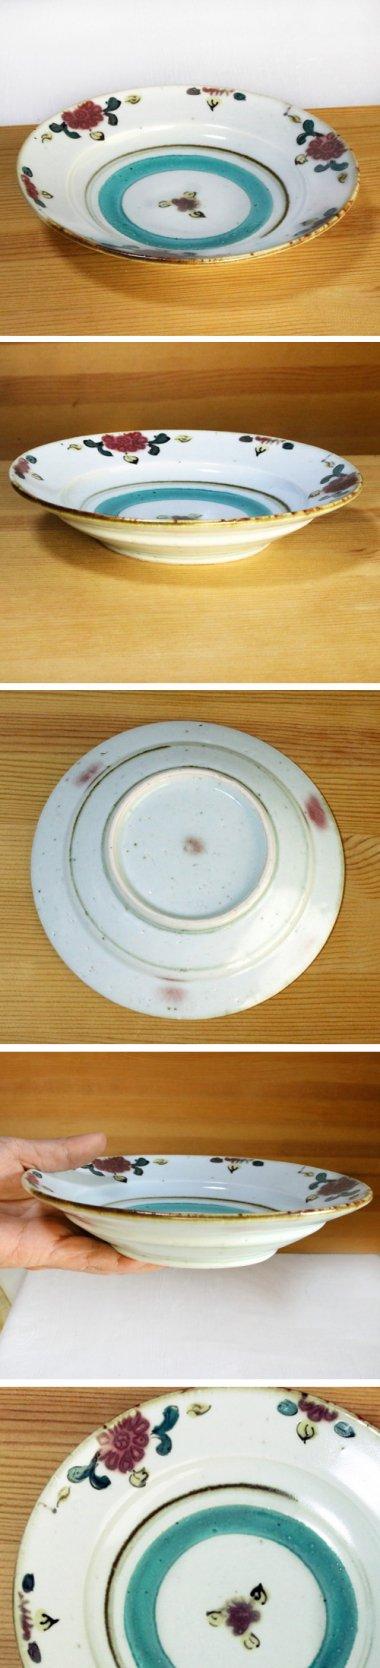 中田窯,外径18.5cm×高さ3.7cm,磁器 鉄入